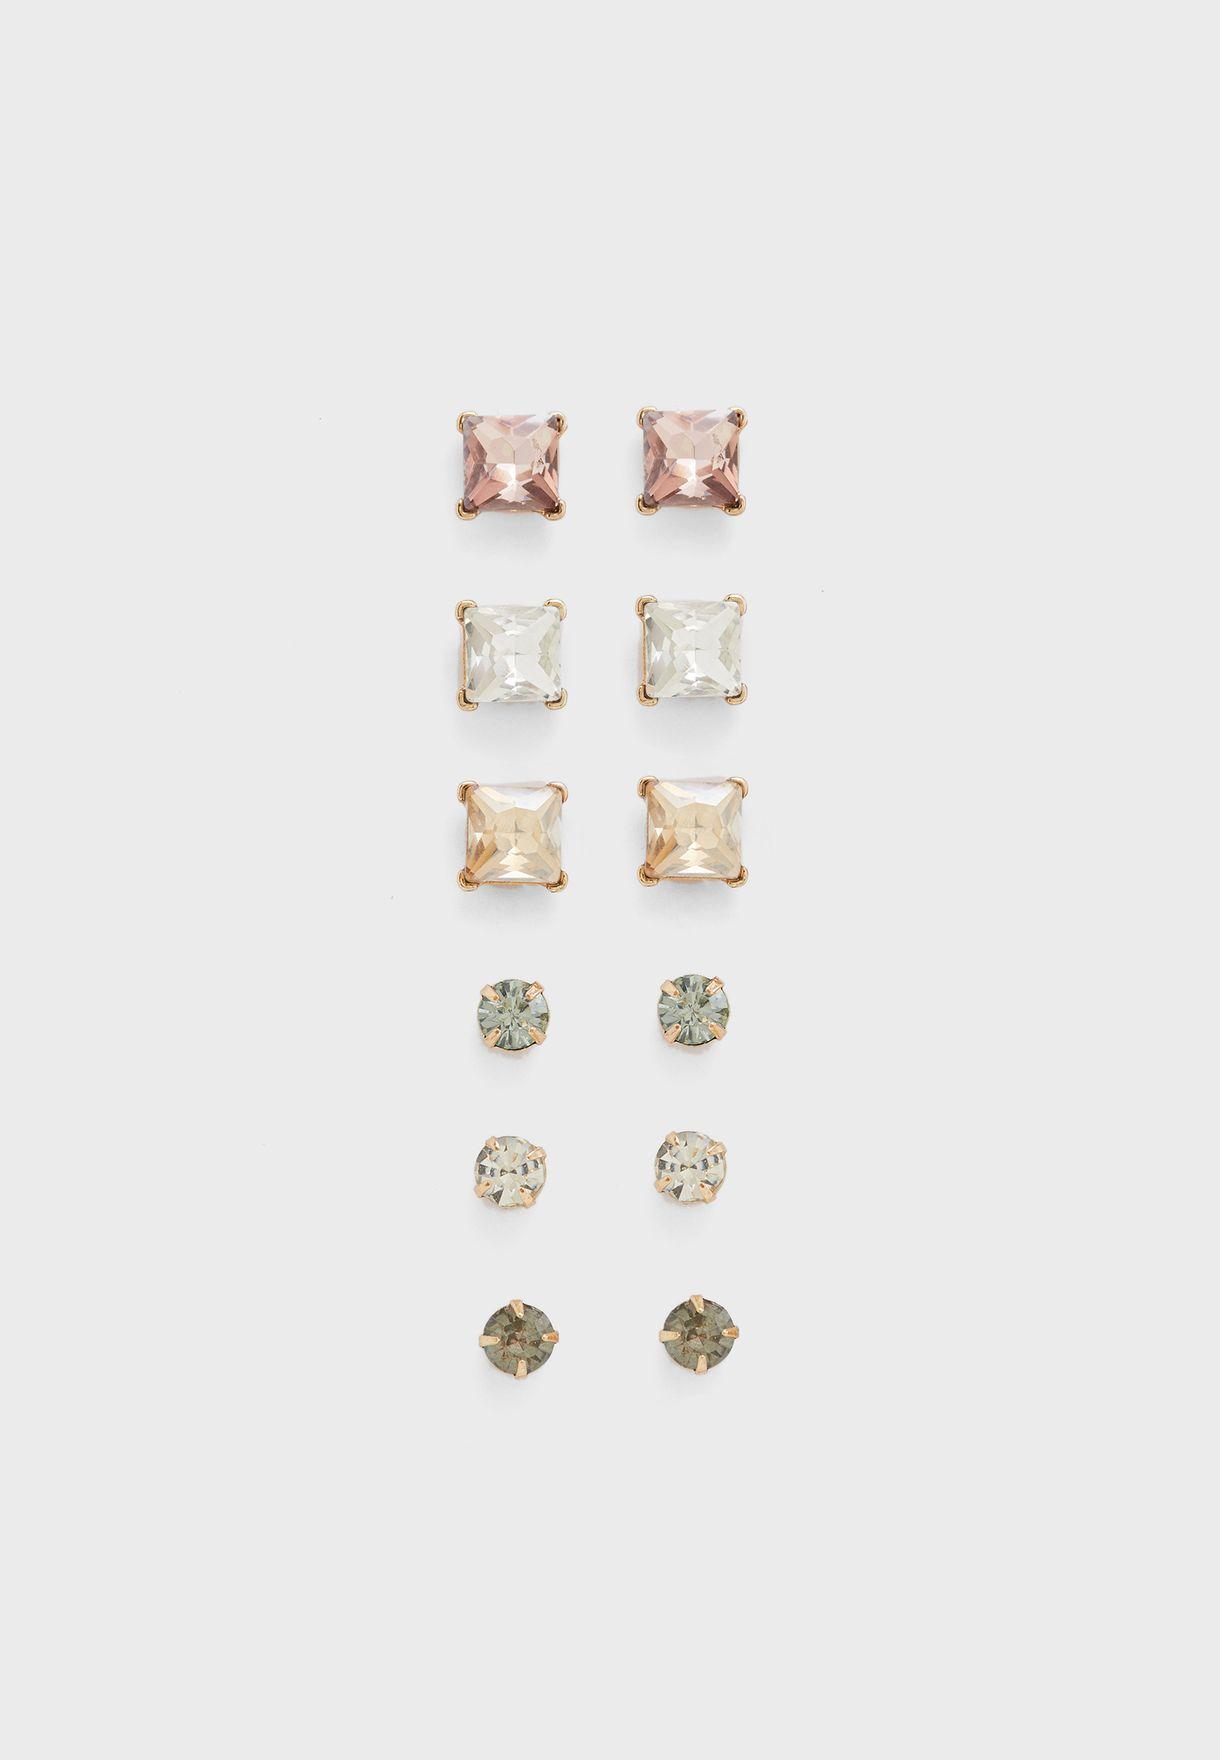 مجموعة من 6 ازواج من الاقراط الدبوسية